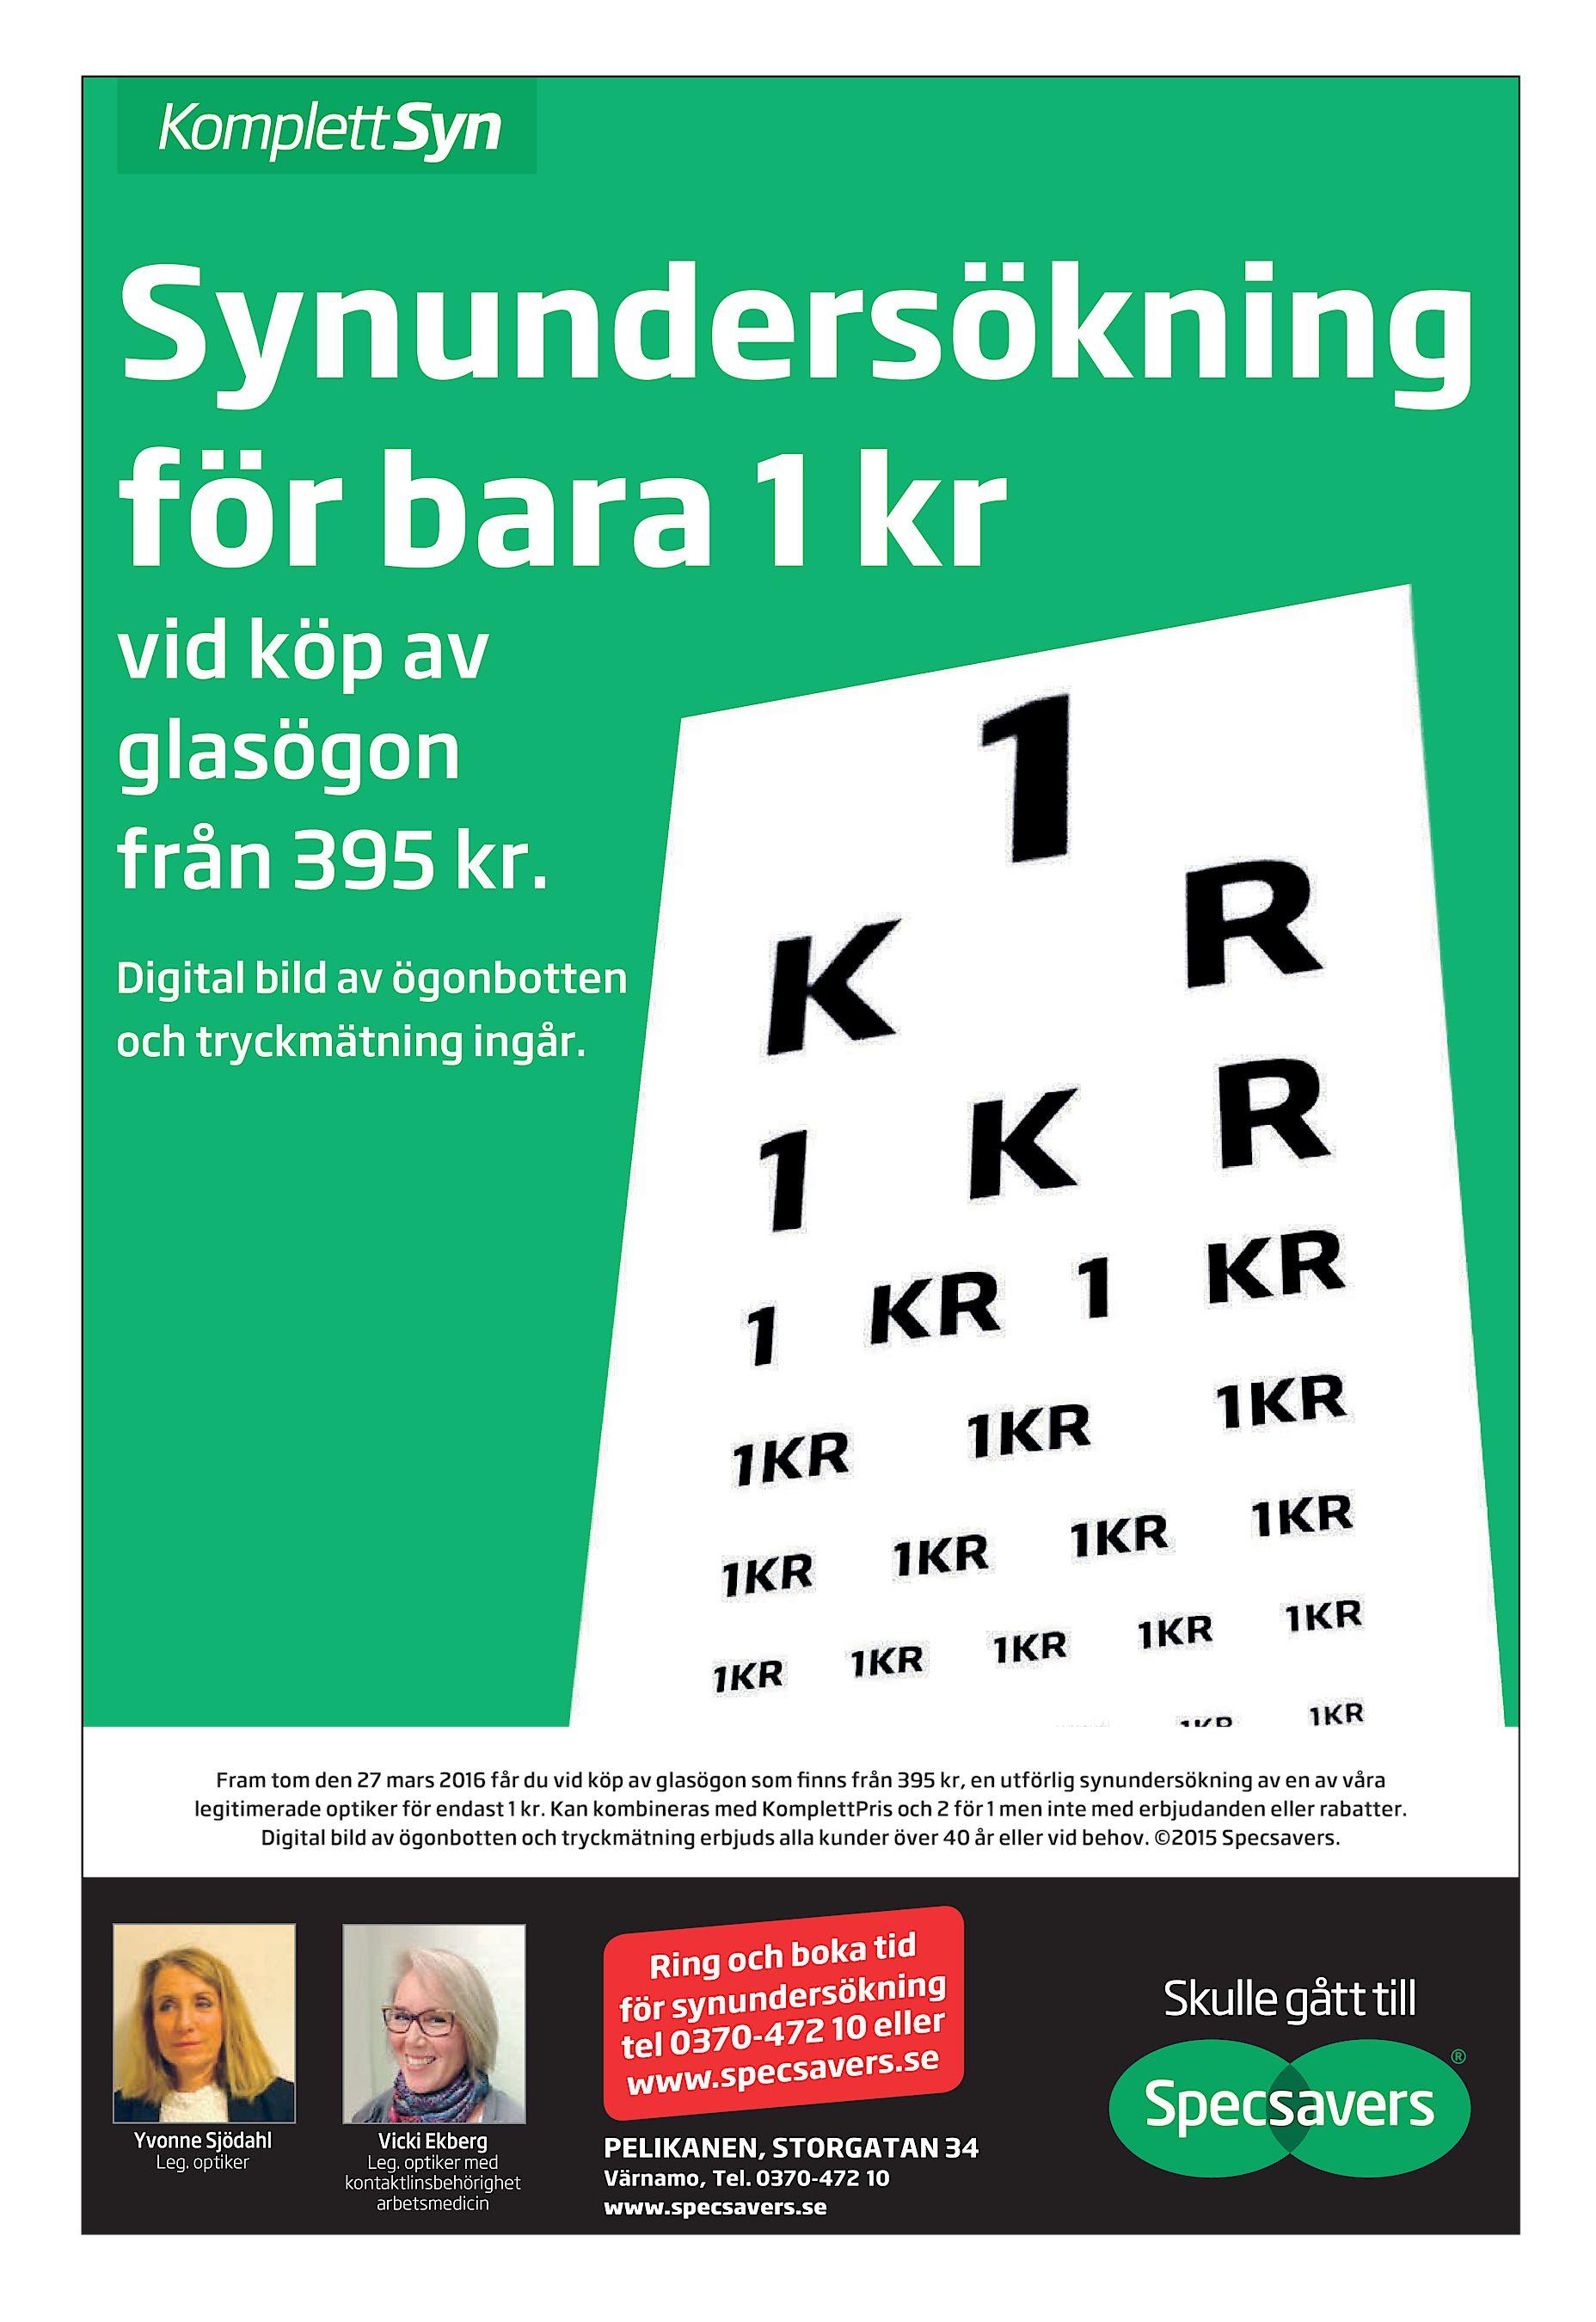 KomplettSyn Synundersökning för bara 1 kr vid köp av glasögon från 395 kr.  Digital bild av ögonbotten och tryckmätning ingår. Fram tom den 27 mars  2016 får ... b311ba7793383